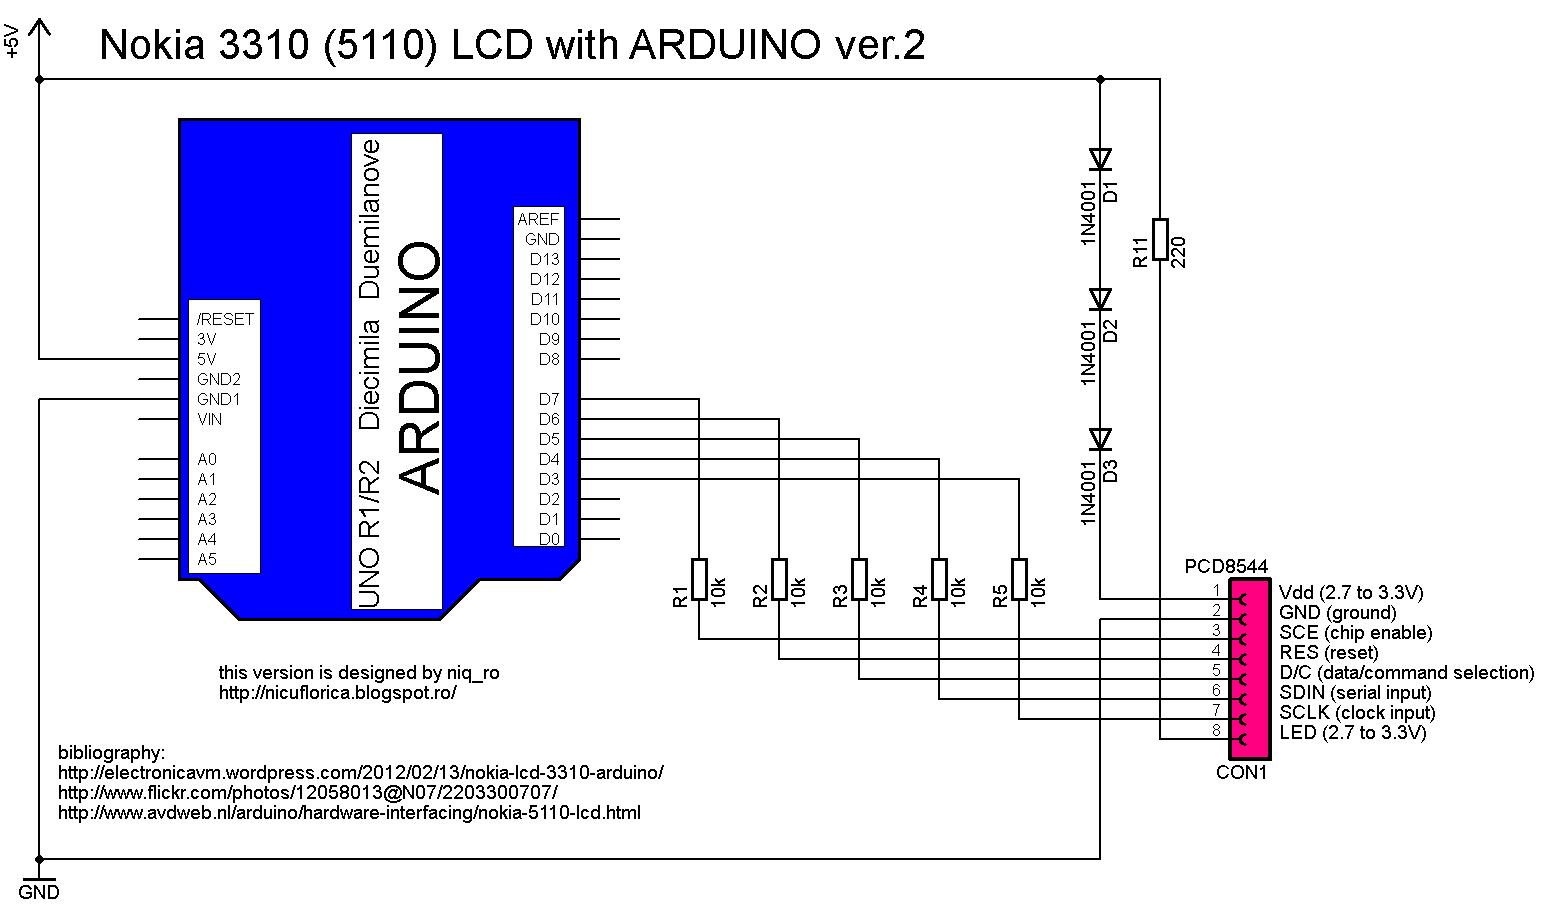 Nokia 5110 lcd module monochrome display screen 84 x 48 for arduino -  Pentru Afisajele Folosite La Telefoanele Nokia 5110 Sau 3310 Care Sunt Controlate De Driverul Pcd8544 Iar Rezolutia Grafica Este De 84x48 Pixeli